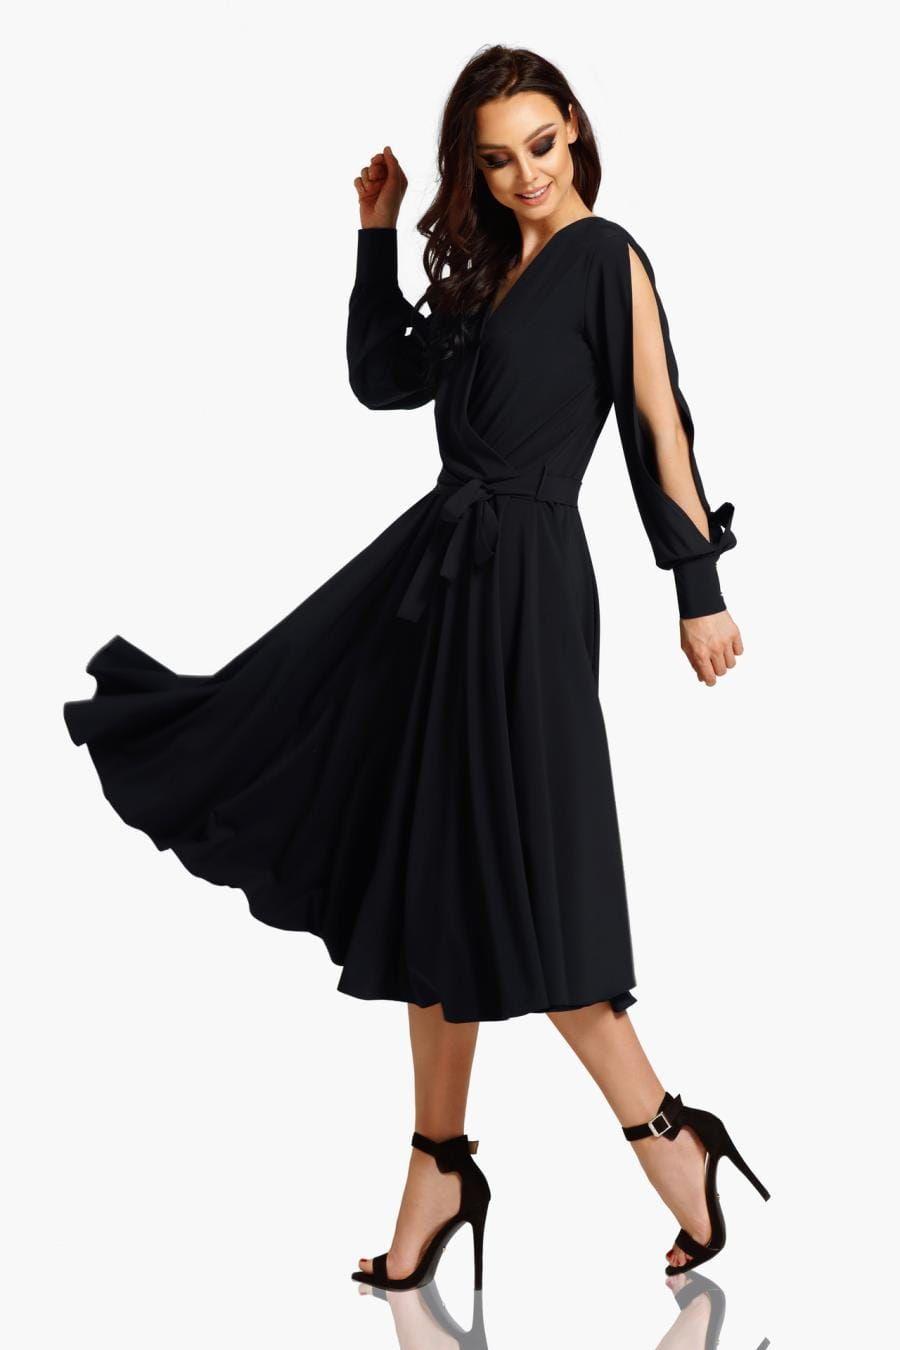 128870d619 Szykowna Sukienka Midi z Rozciętymi Rękawami Czarna LEL295 w 2019 ...